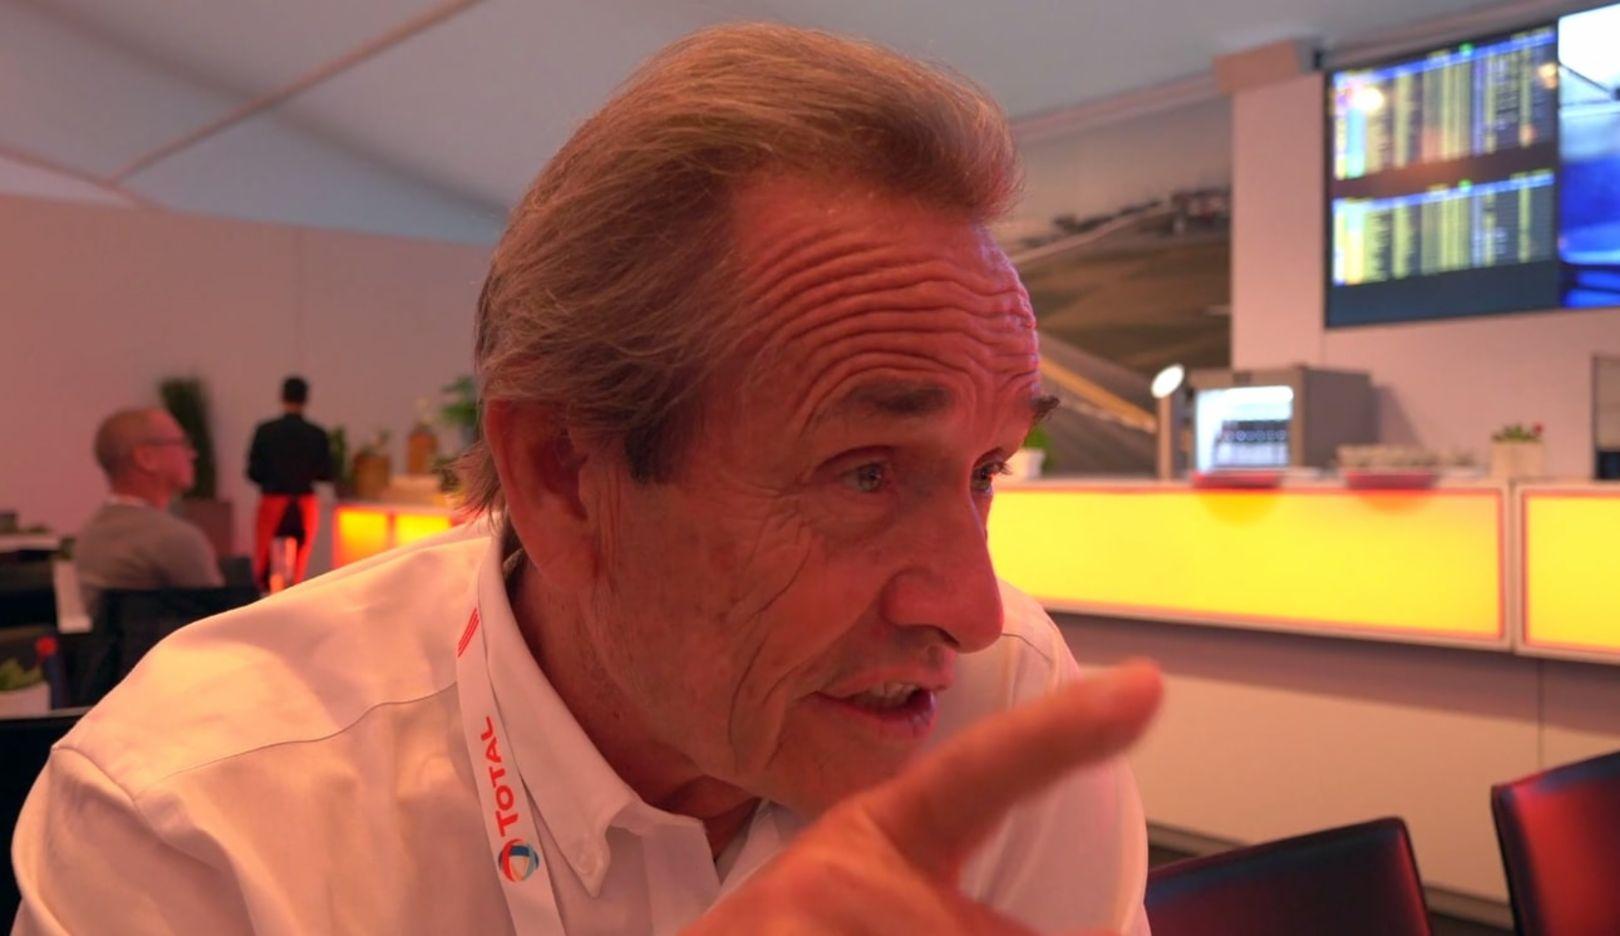 Jacky Ickx, FIA WEC, Le Mans, 2019, Porsche AG